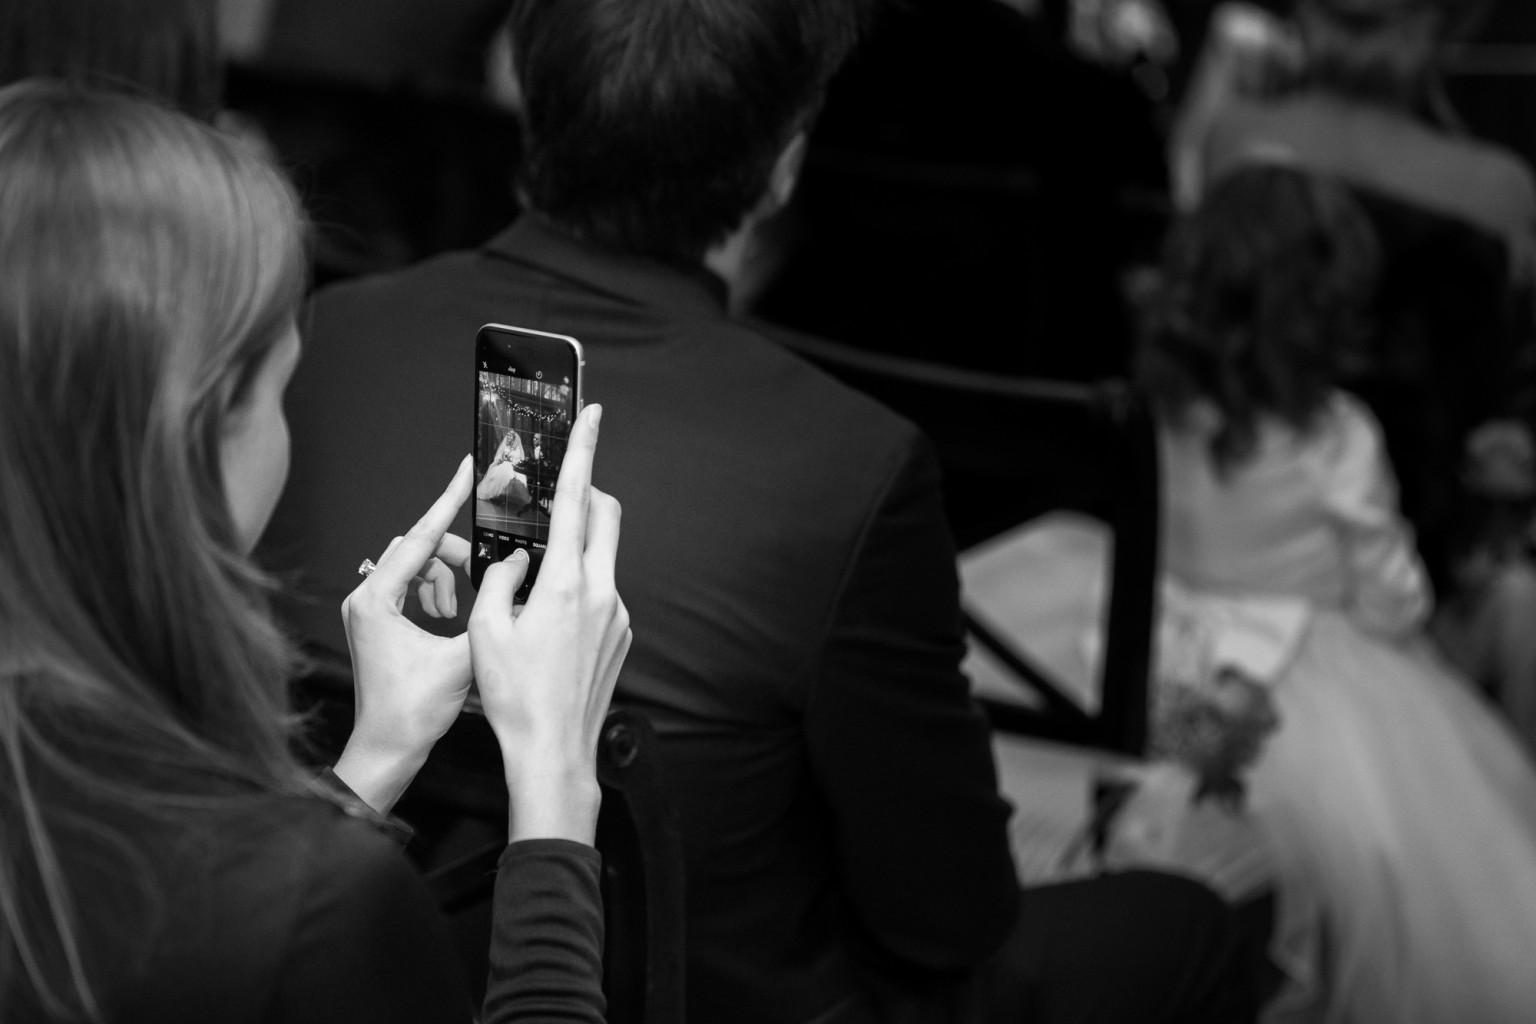 Iphone bij een huwelijk - offline